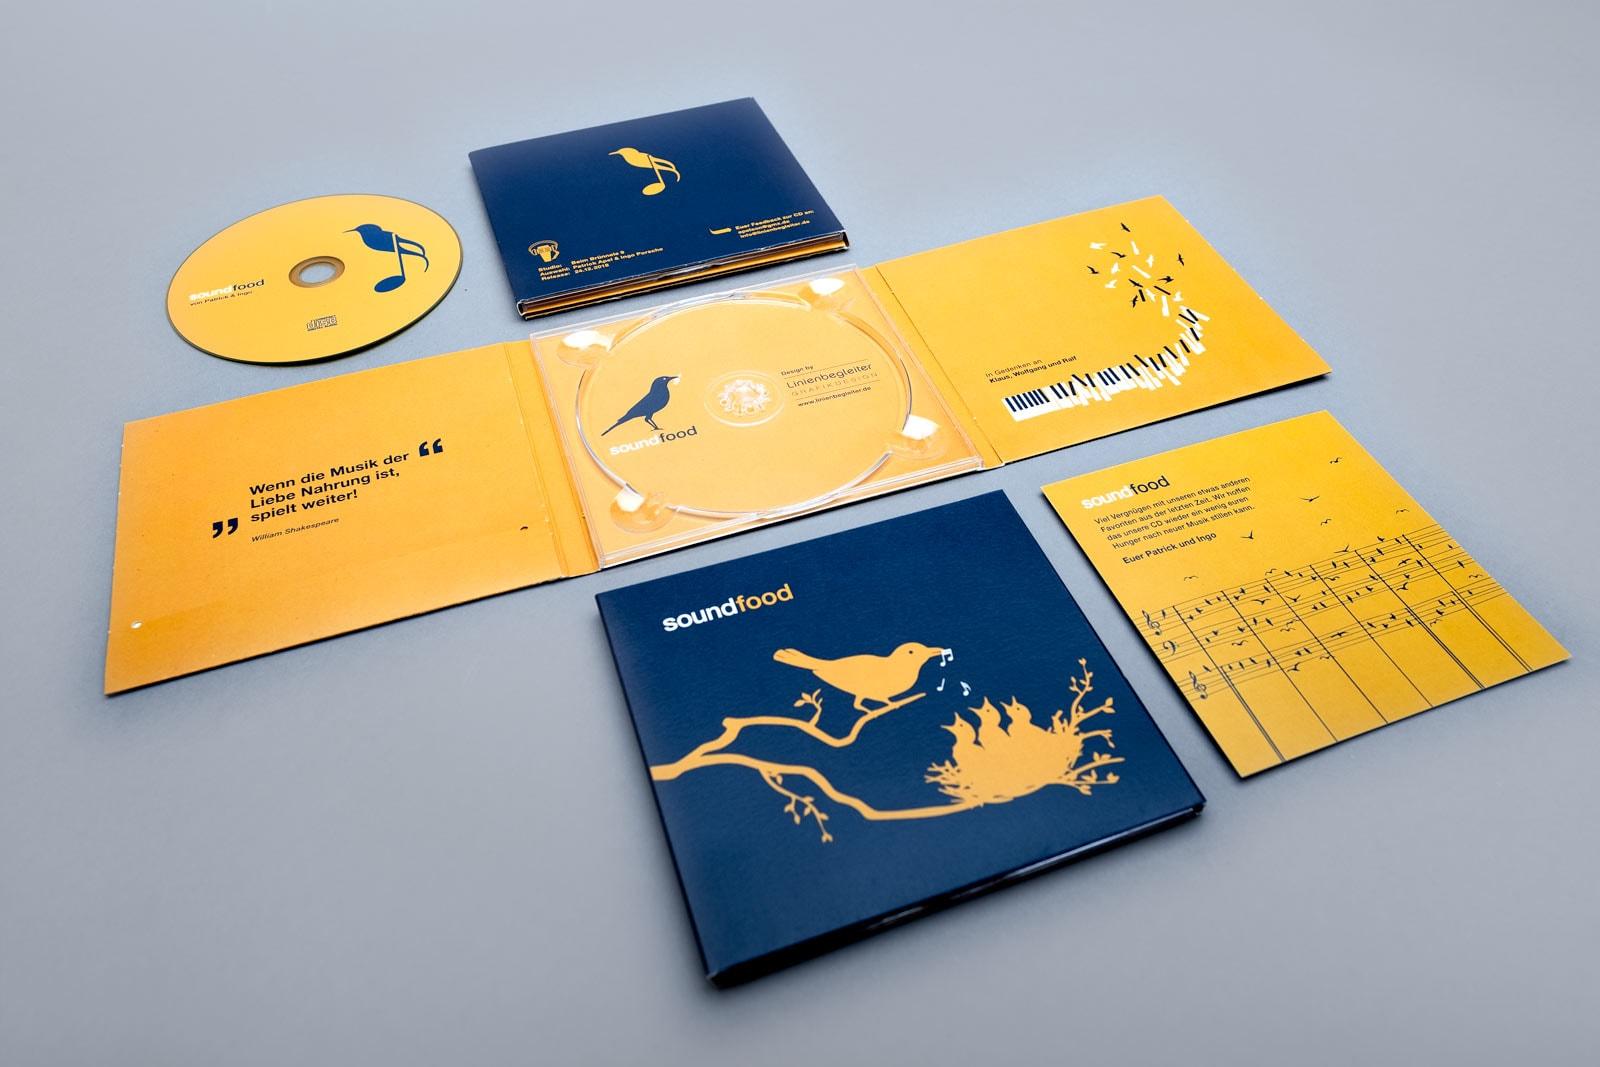 soundfood, Musik Compilation, CD Cover, Digi-Pack, Cover Artwork, Illustrationen, Booklet, CD-Label, Arrangement